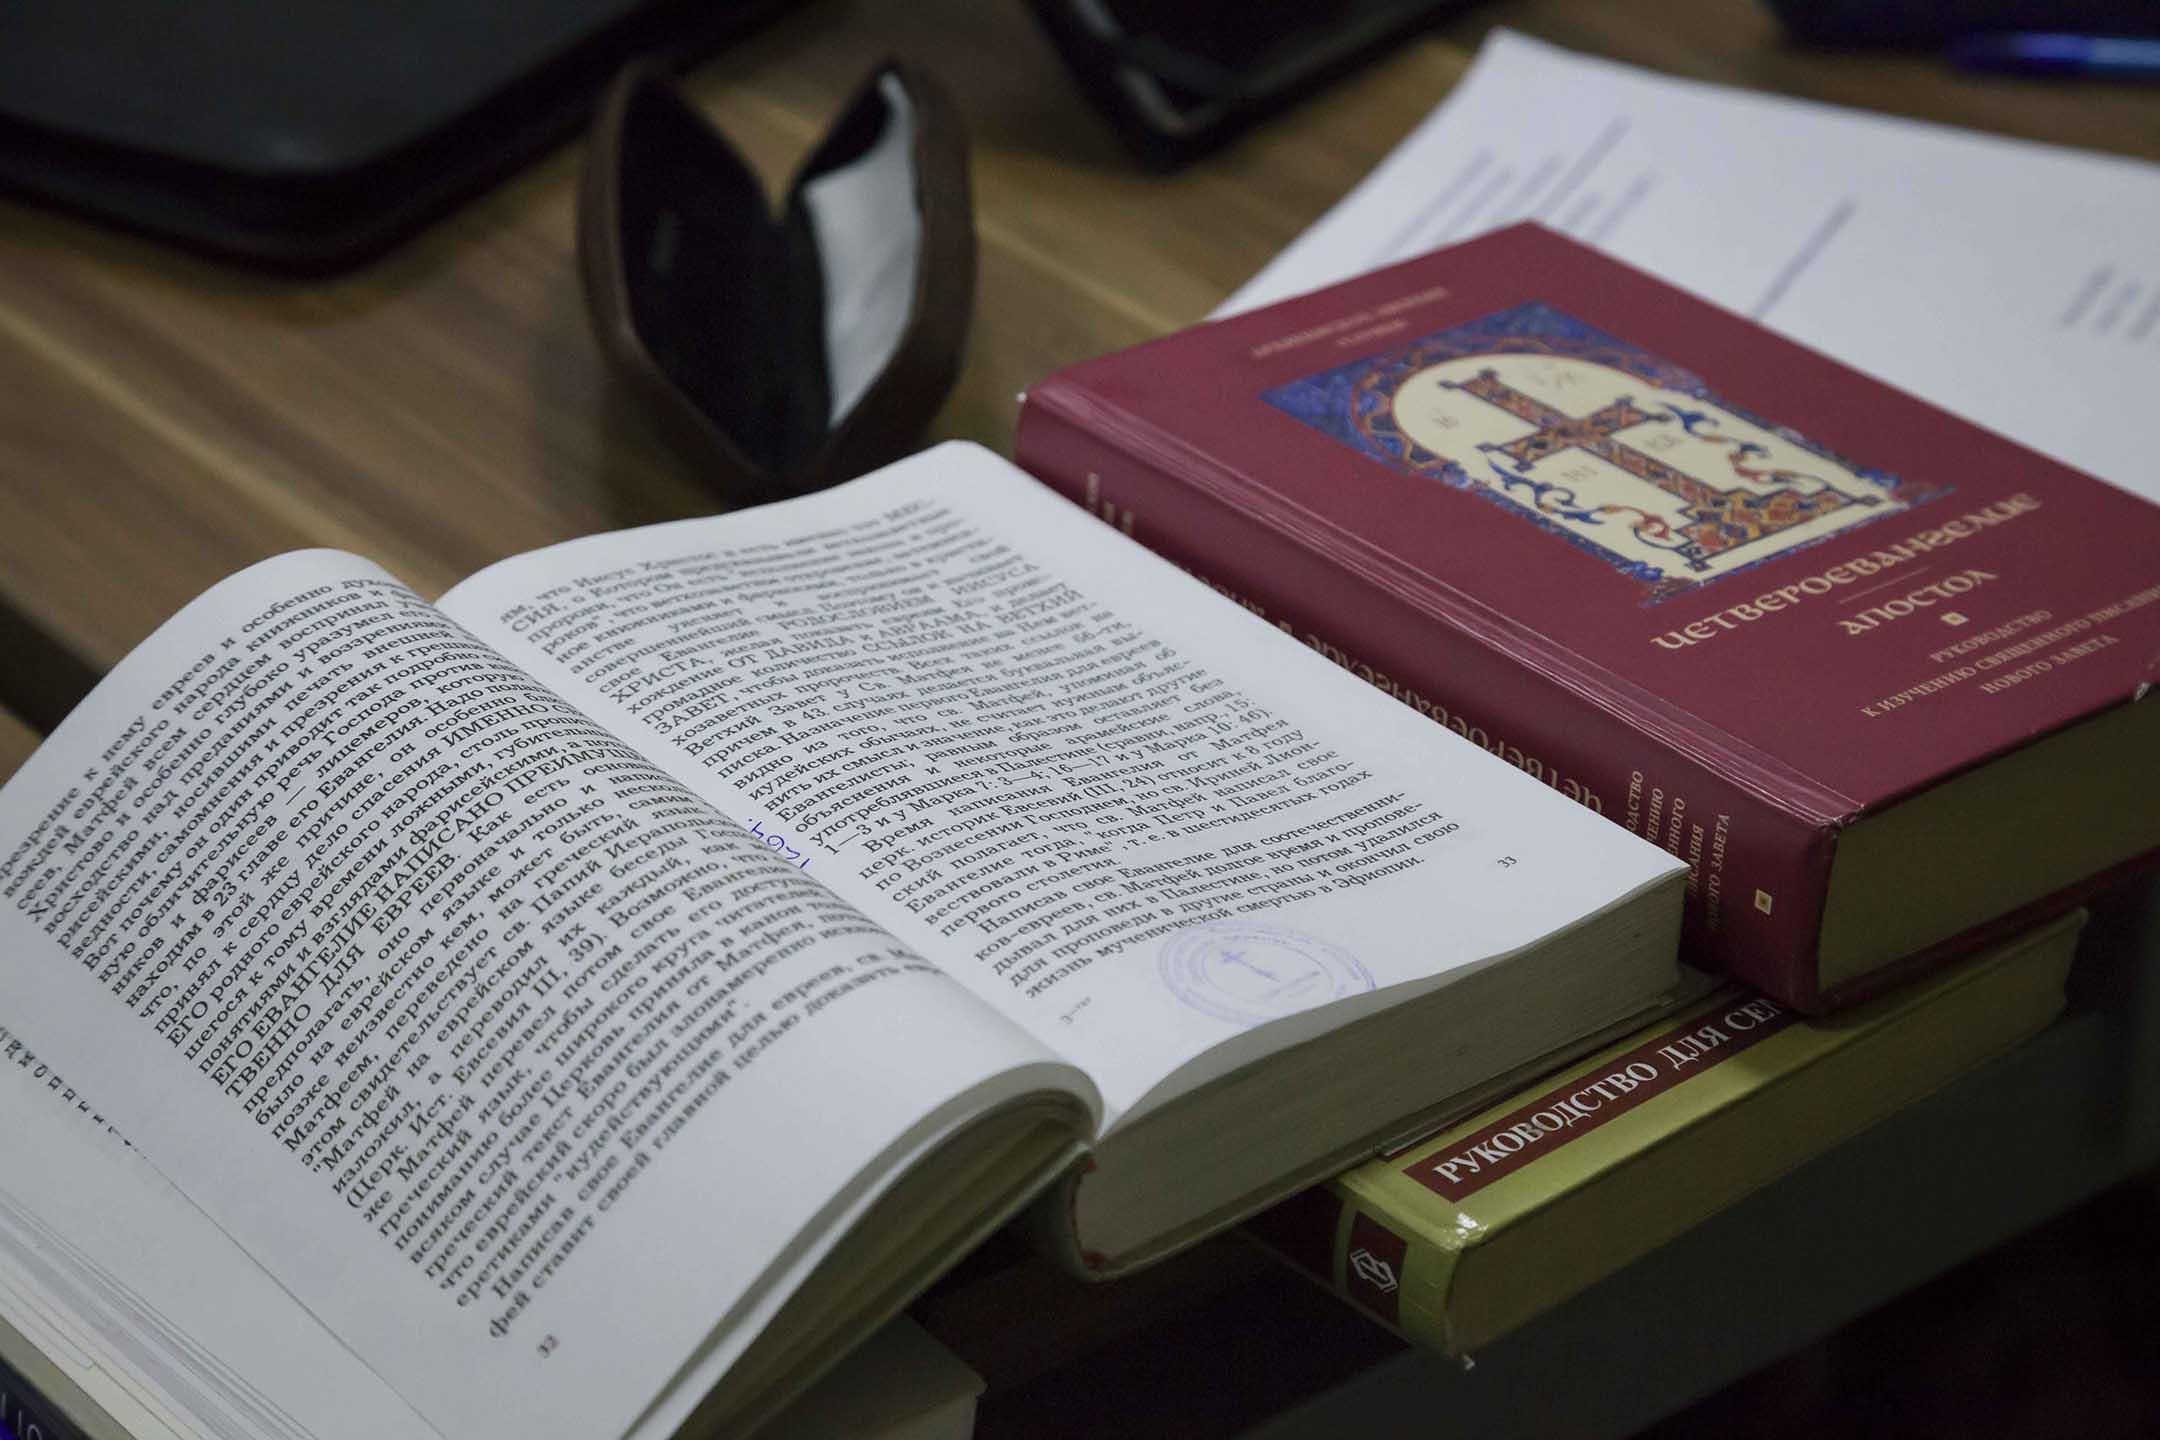 Священнослужители, имеющие теологическое образование, сдали в семинарии выпускной квалификационный экзамен